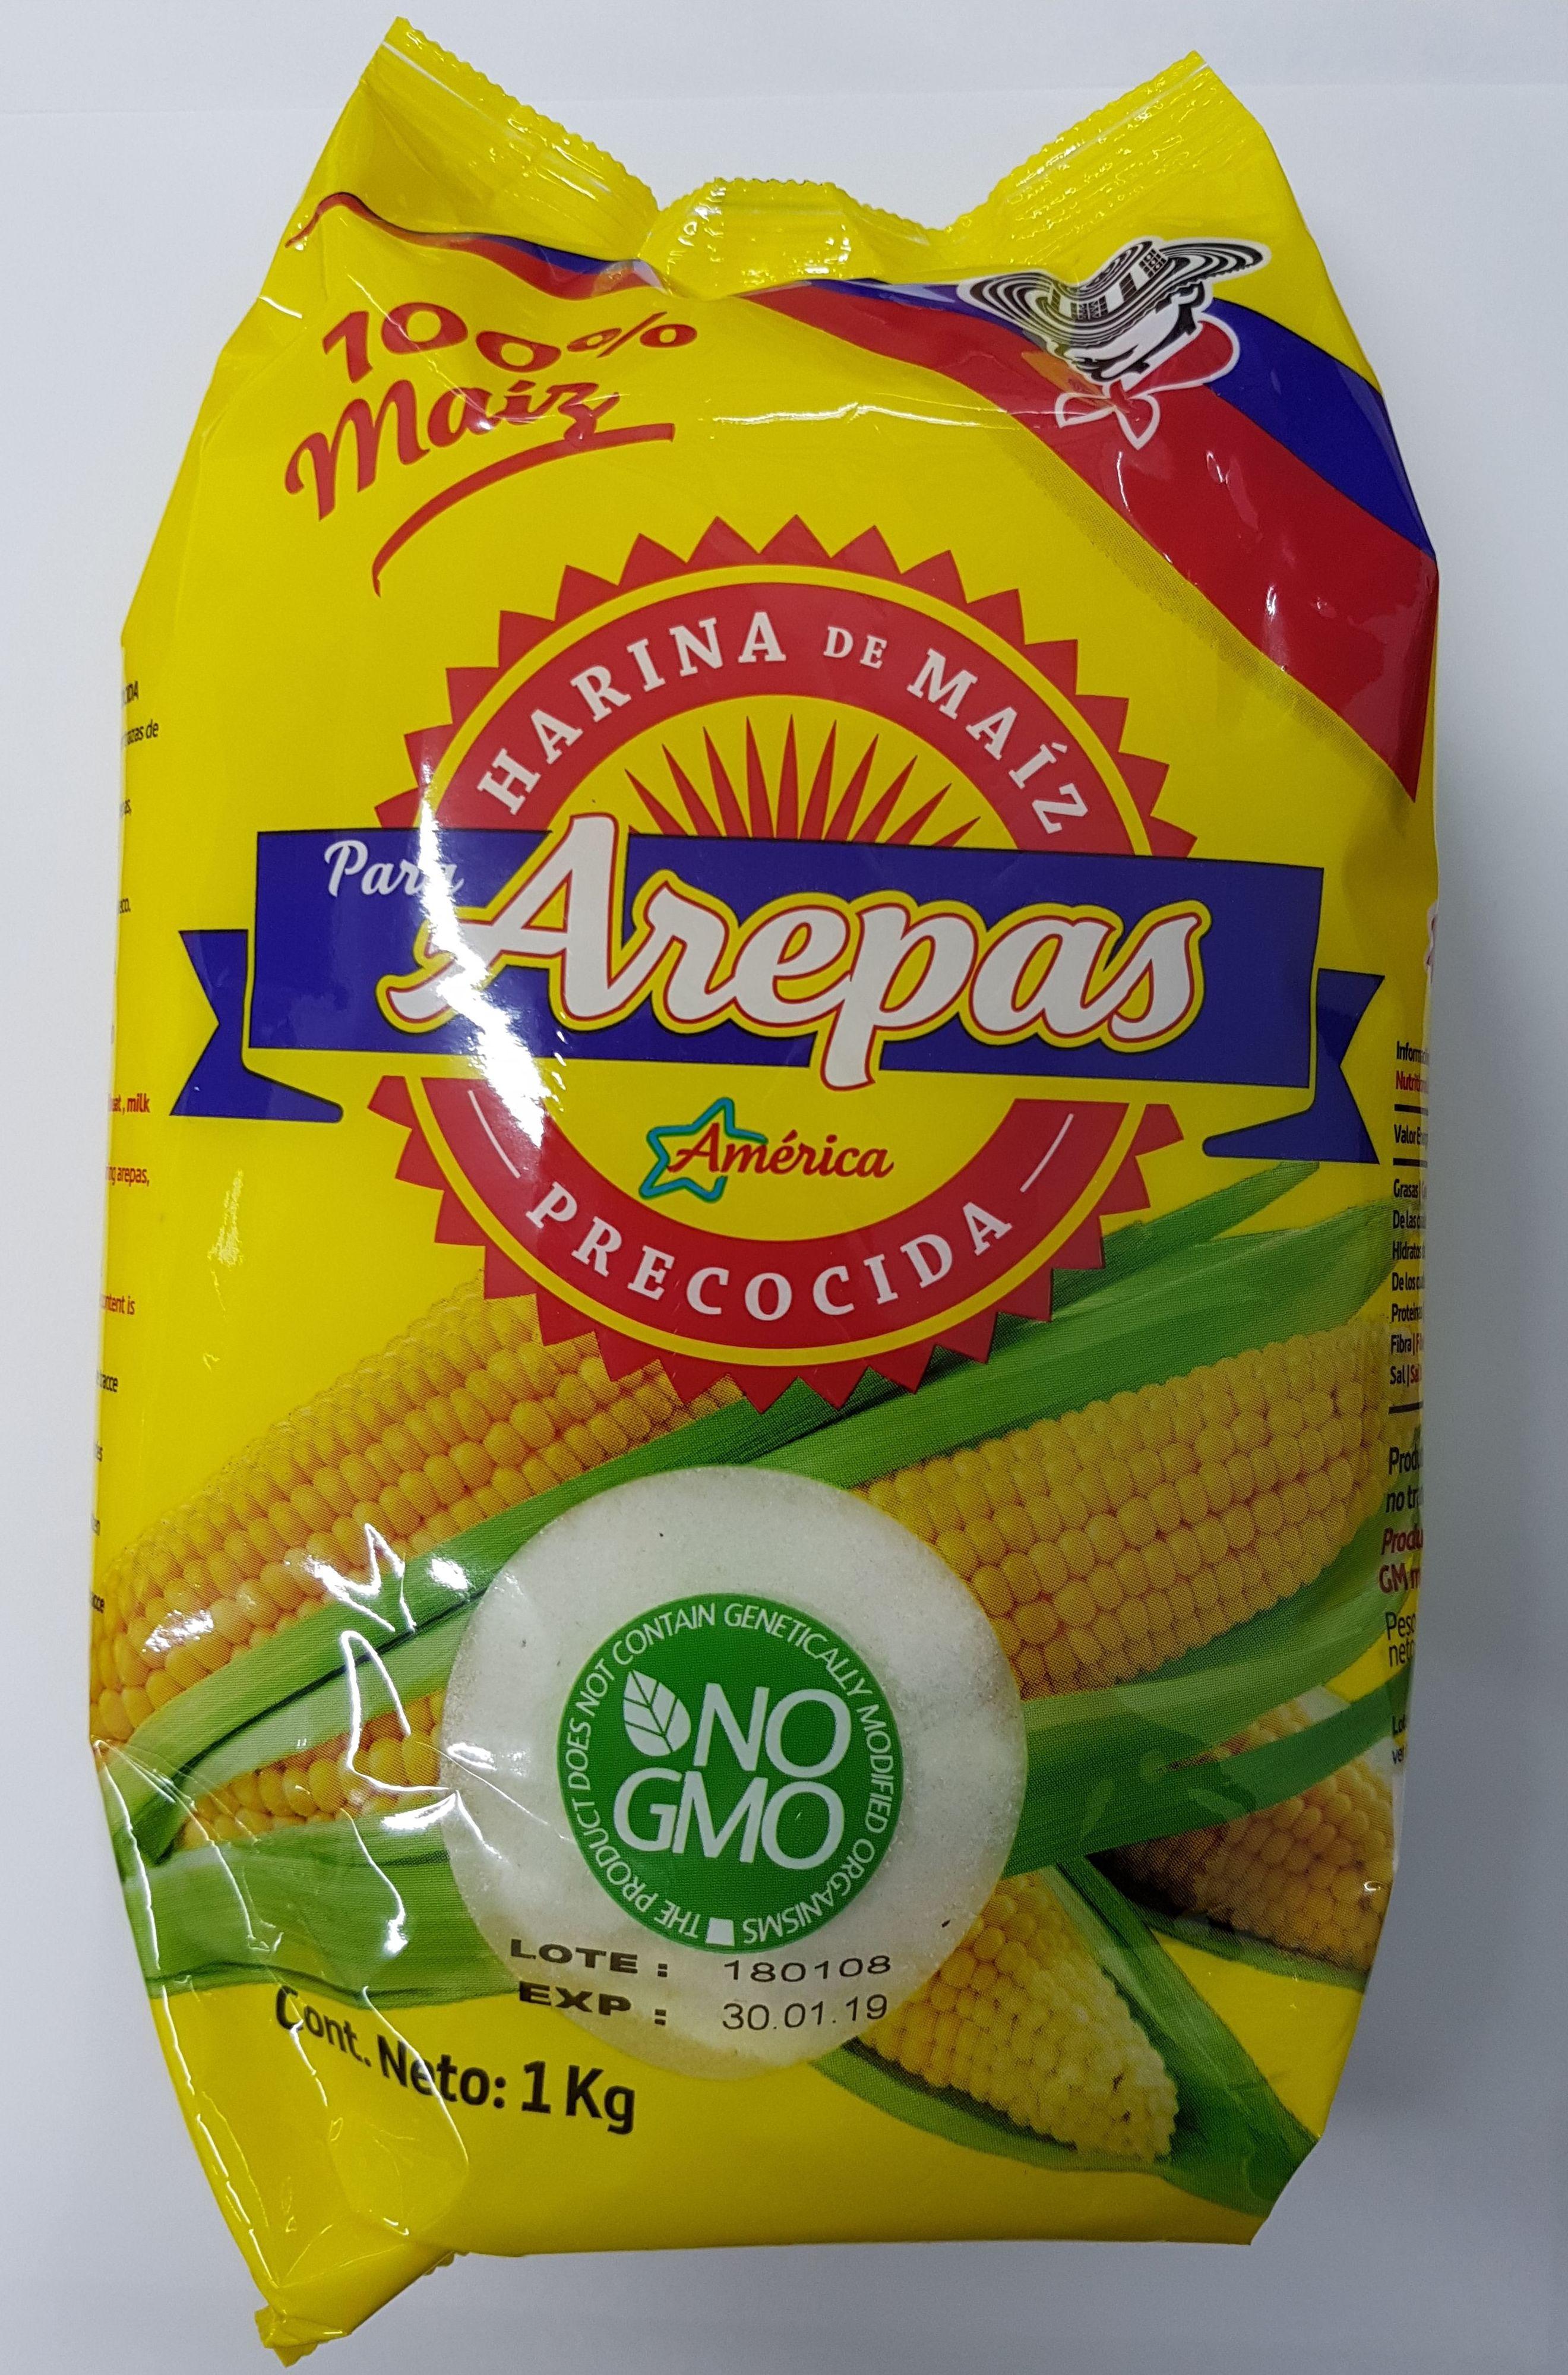 Harina para arepas América blanca 1 kg: PRODUCTOS de La Cabaña 5 continentes